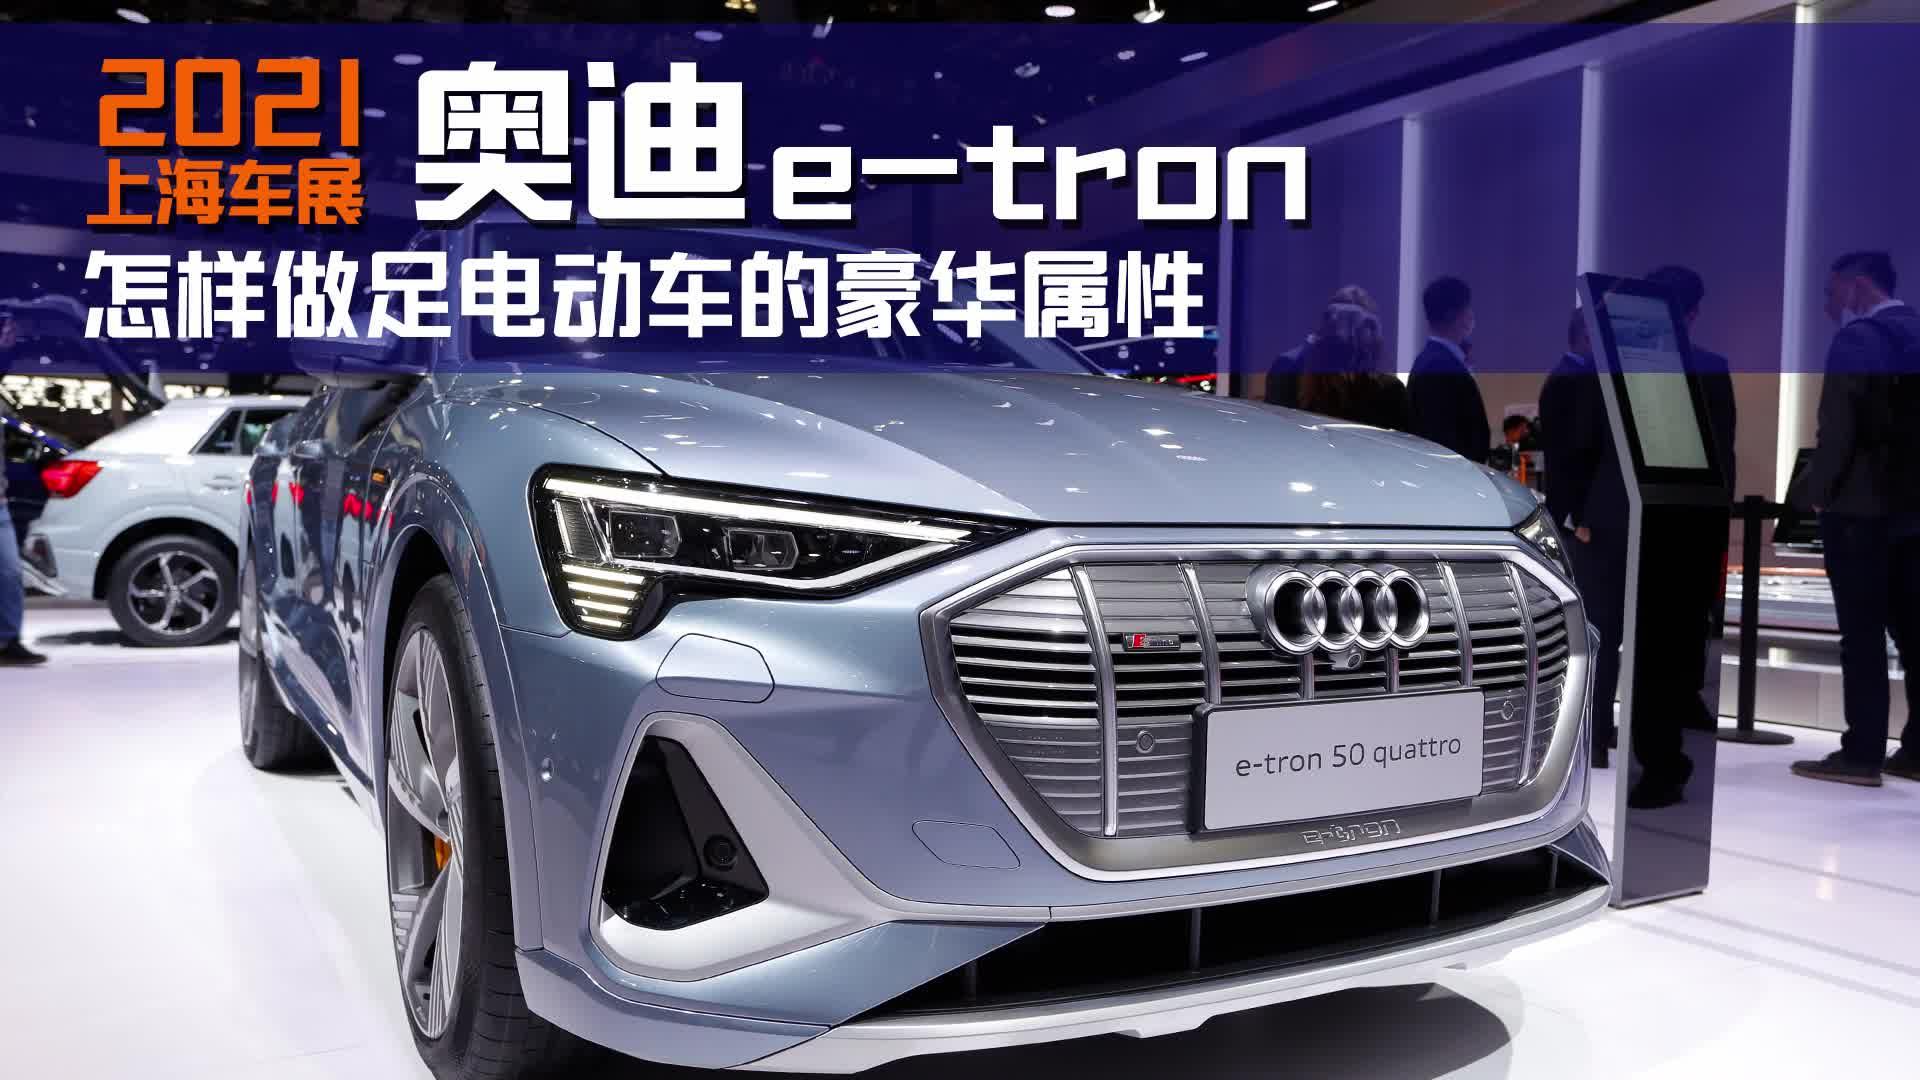 奥迪e-tron:做足电动车的豪华属性